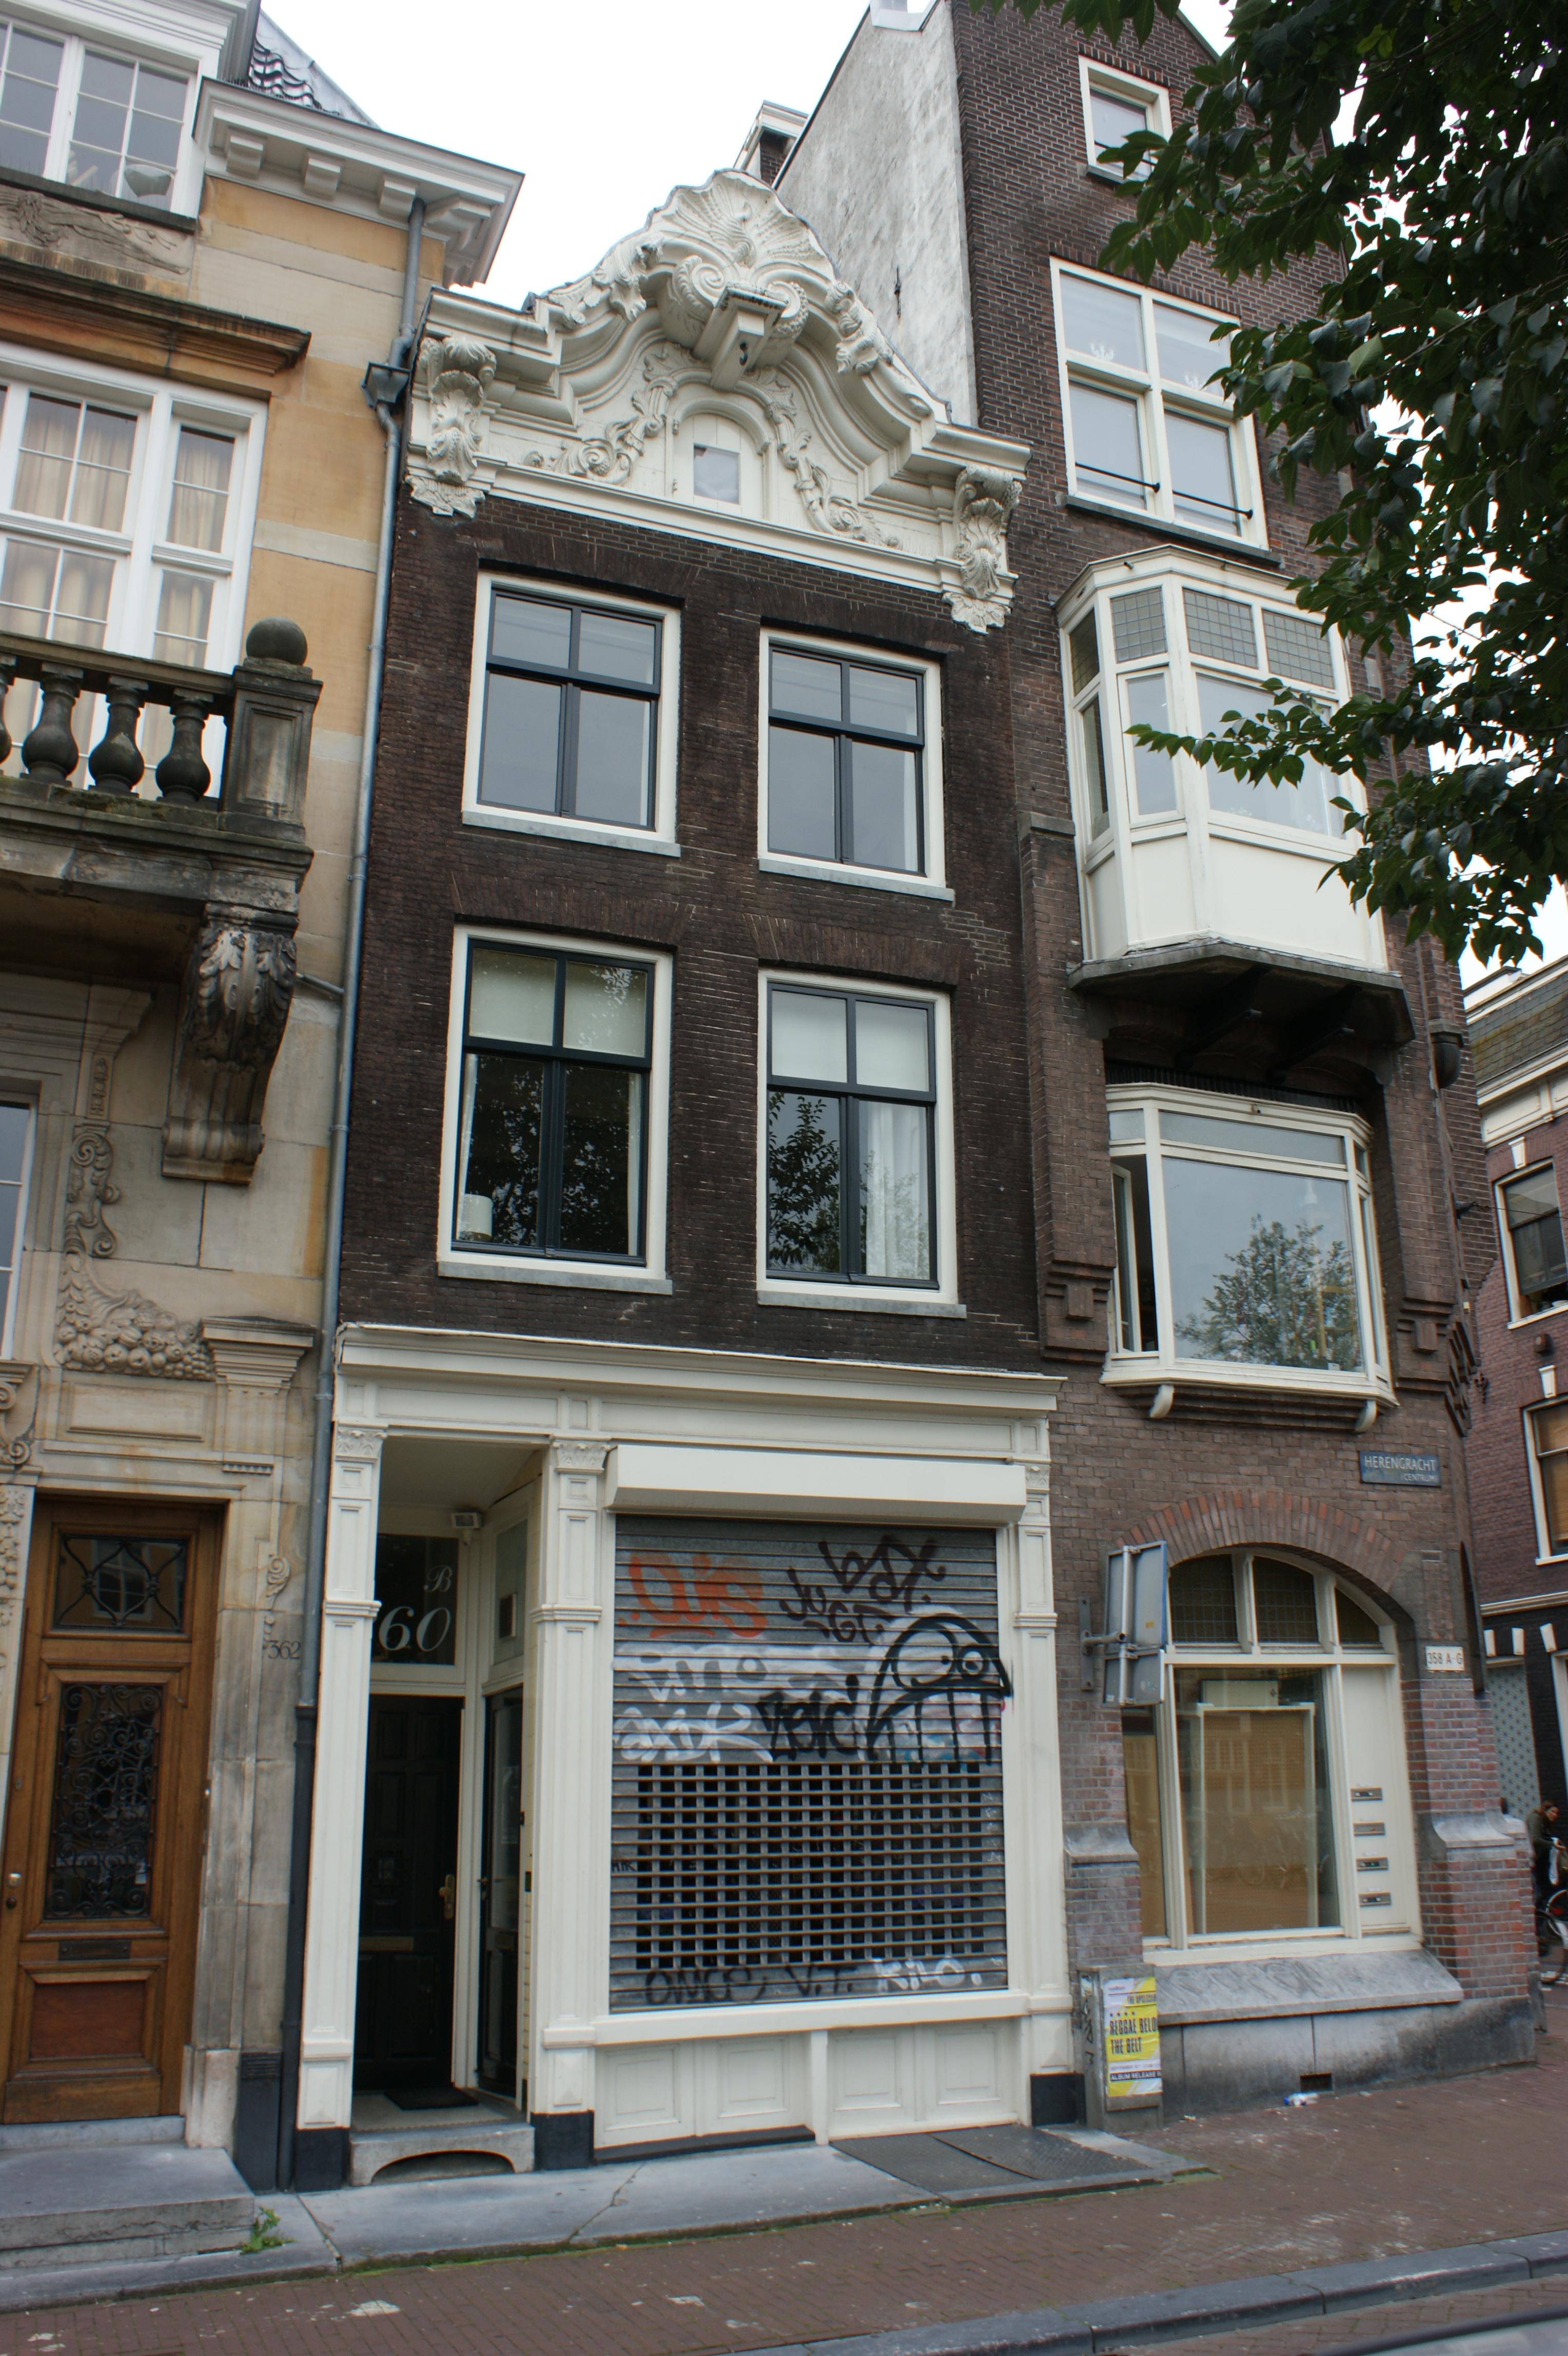 Huis met gevel onder rijk gesneden topvormig verhoogde lijst in amsterdam monument - Provencaalse huis gevel ...